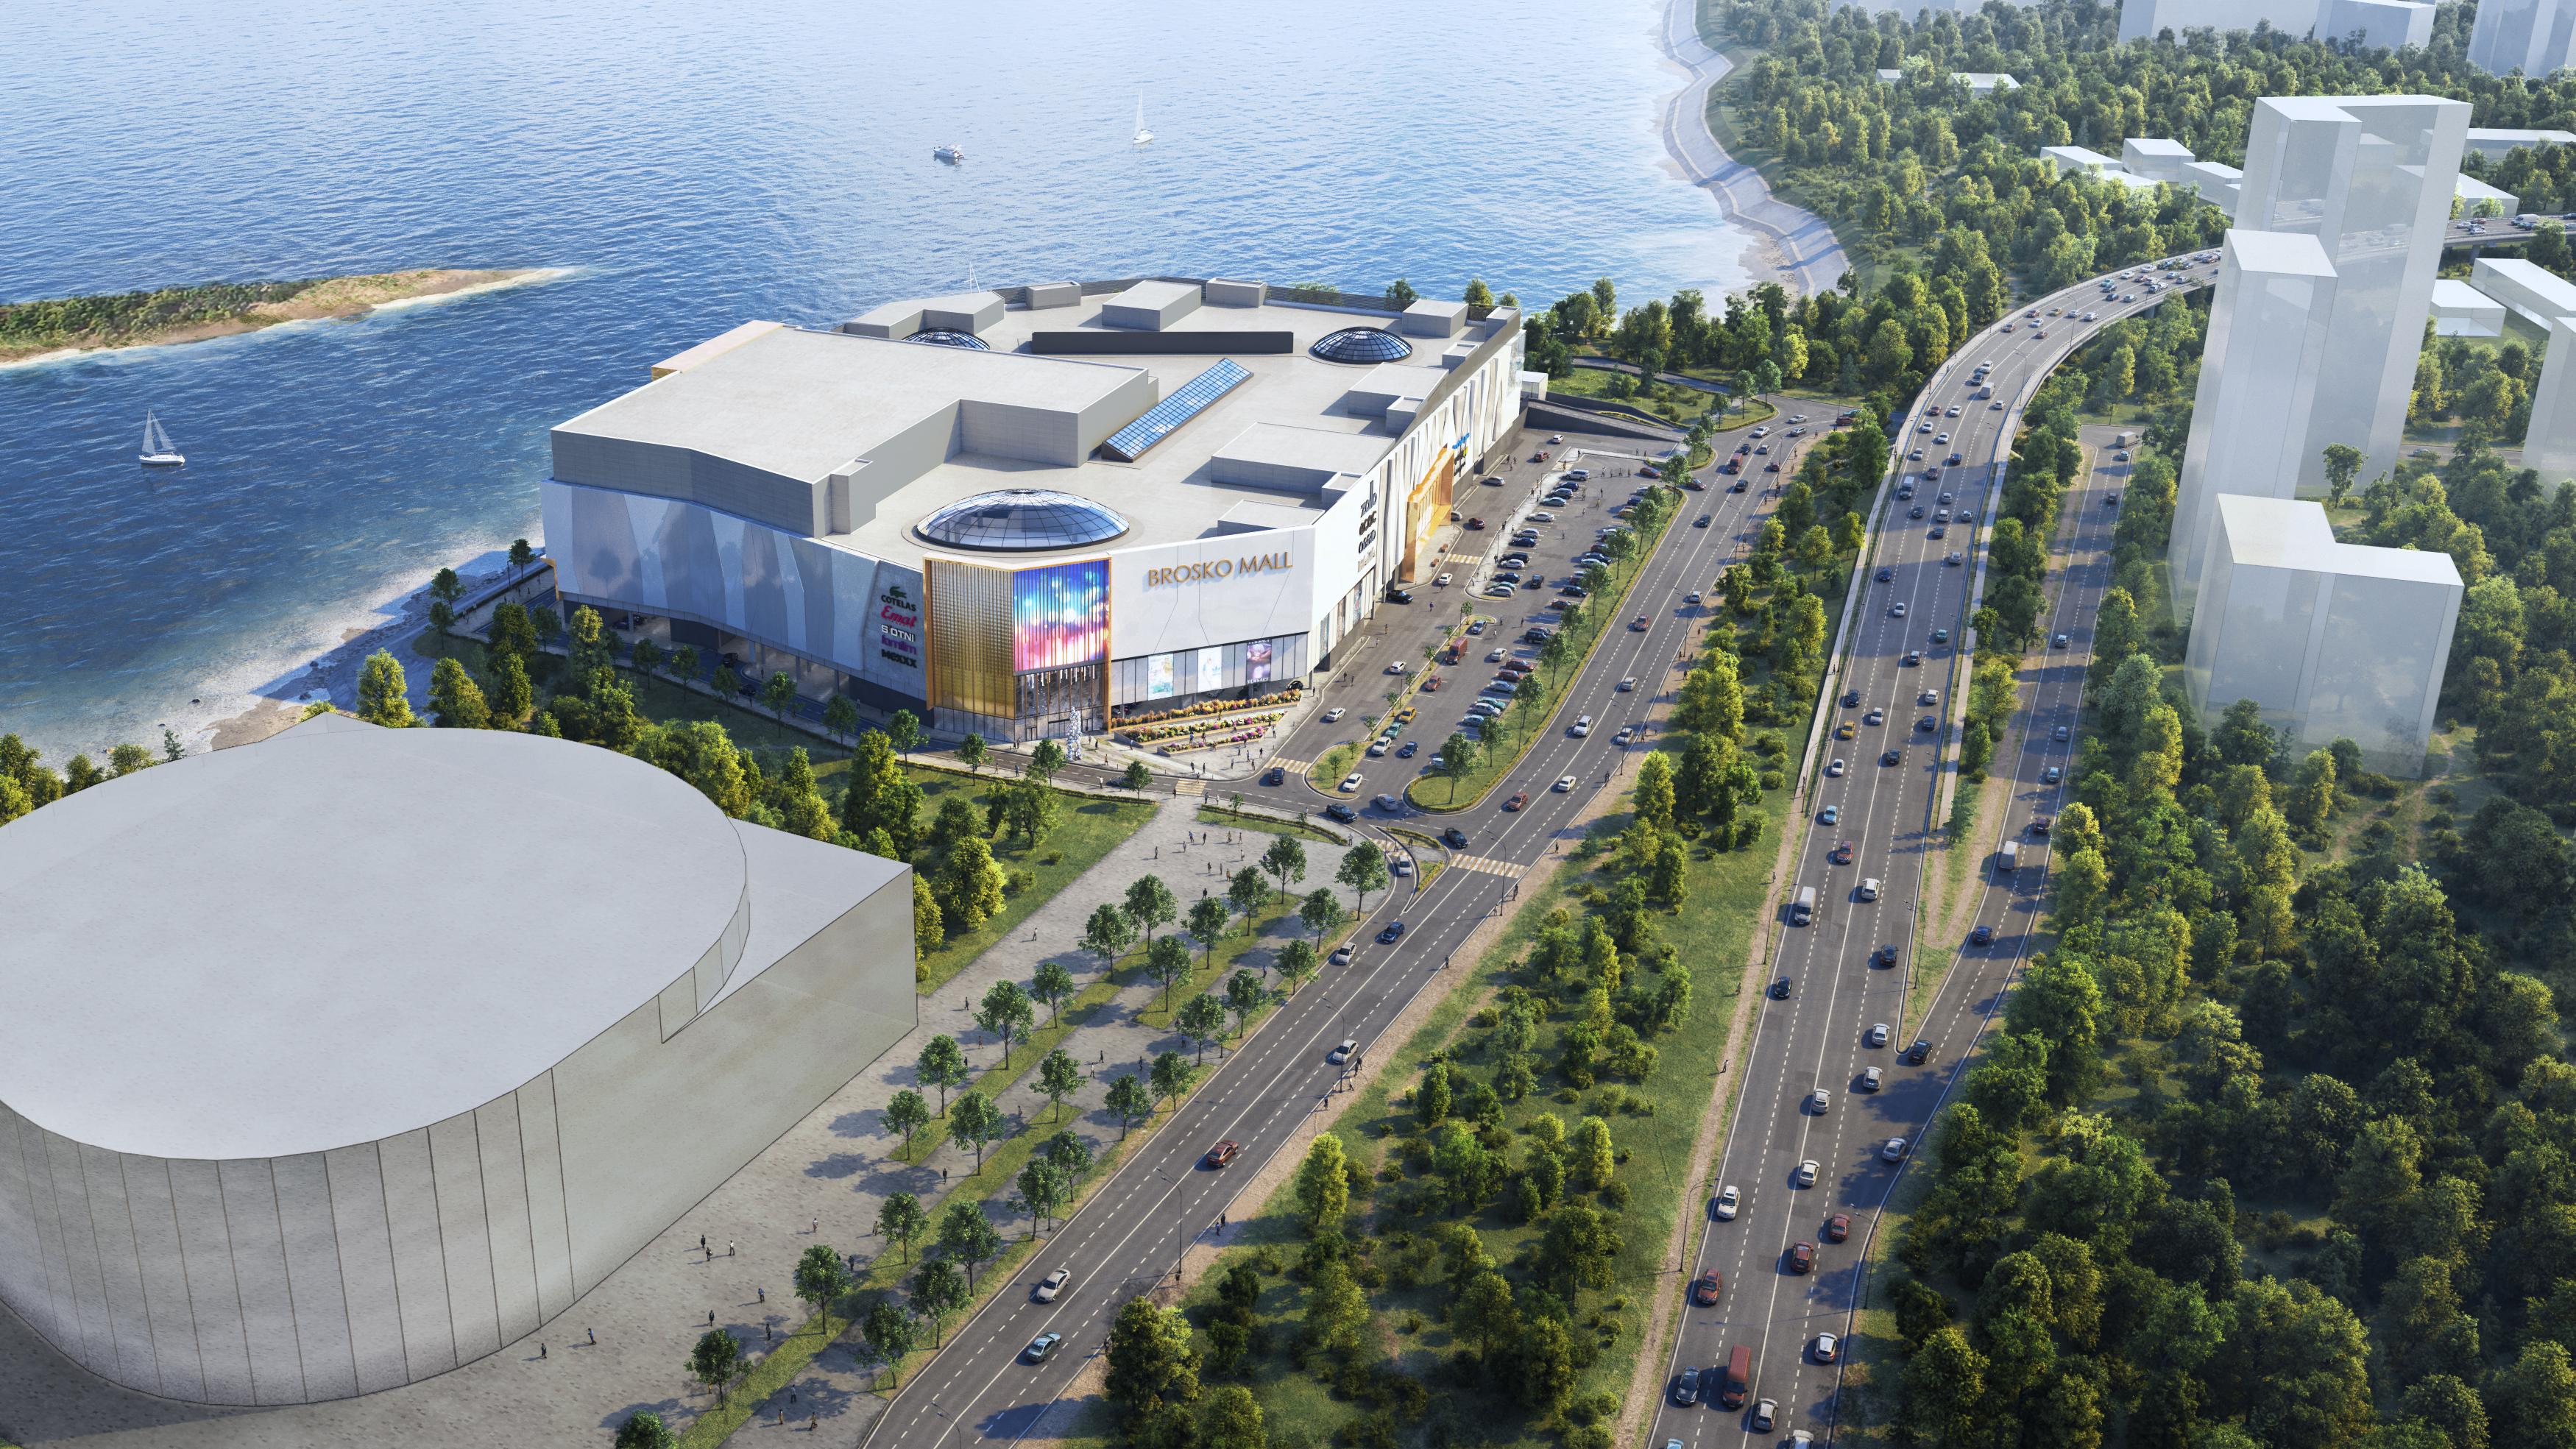 «Магазин Магазинов» представит ритейлерам 7 эксклюзивных проектов ТРЦ в  регионах РФ на MAPIC Russia 2018 fc534fec423